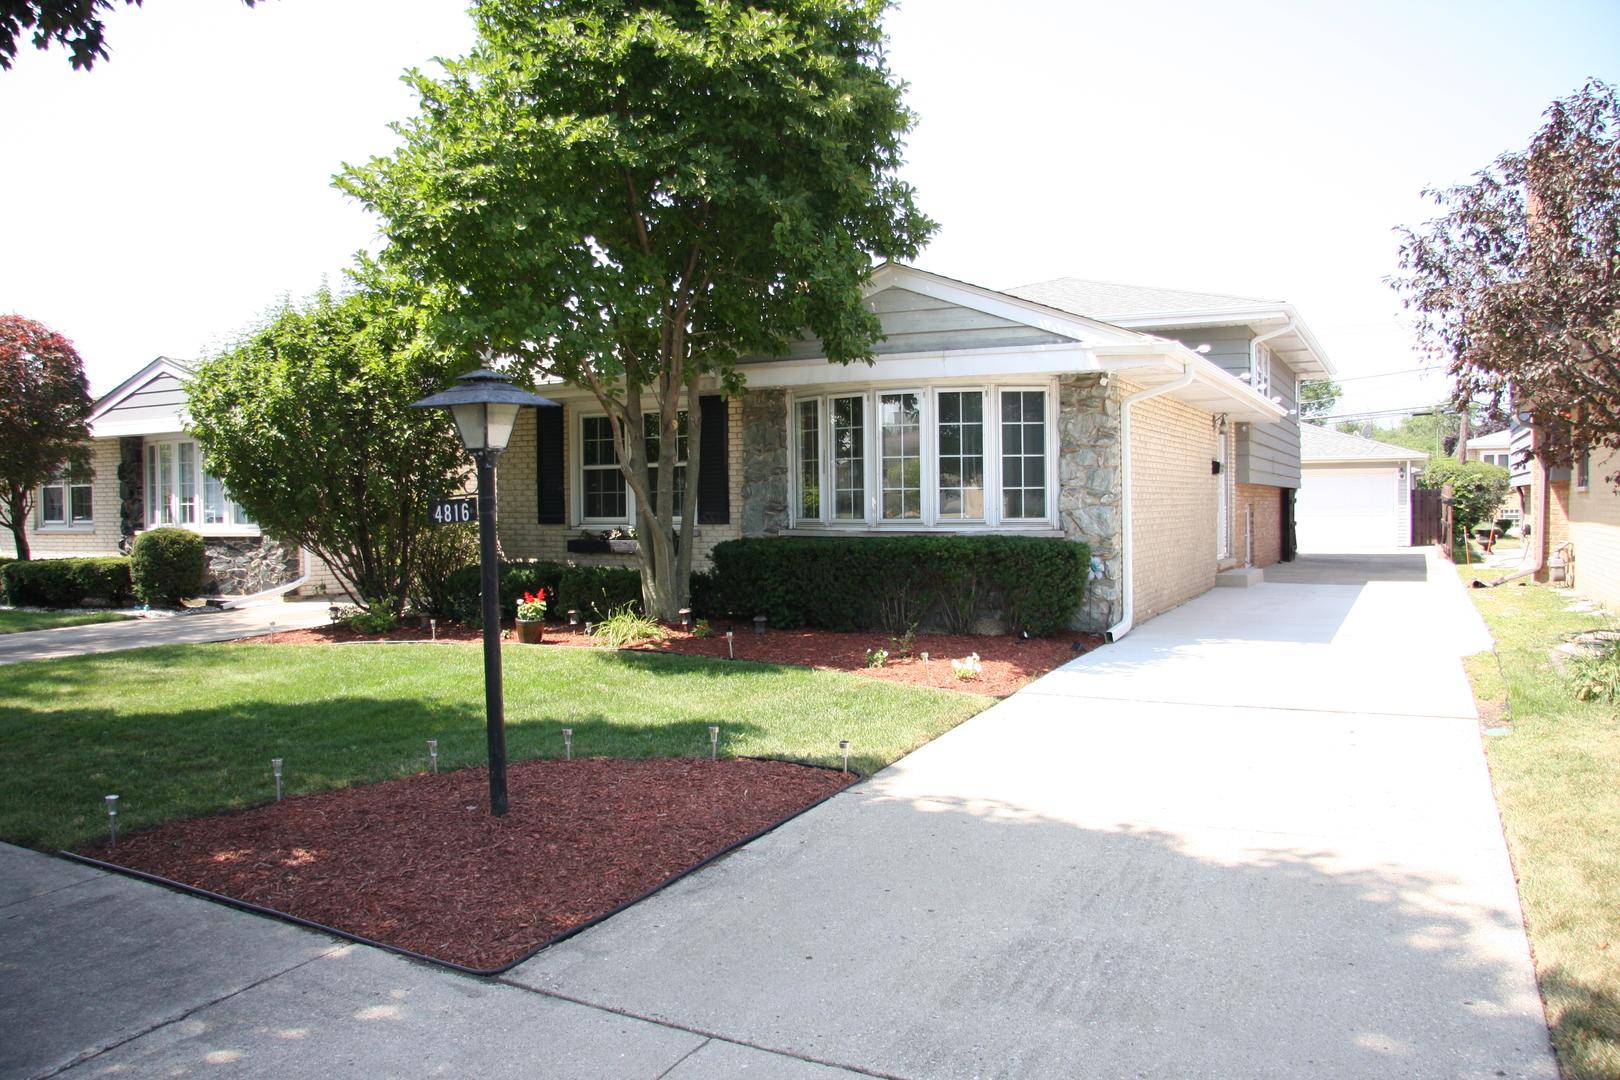 4816 North Leonard Drive Norridge, IL 60706